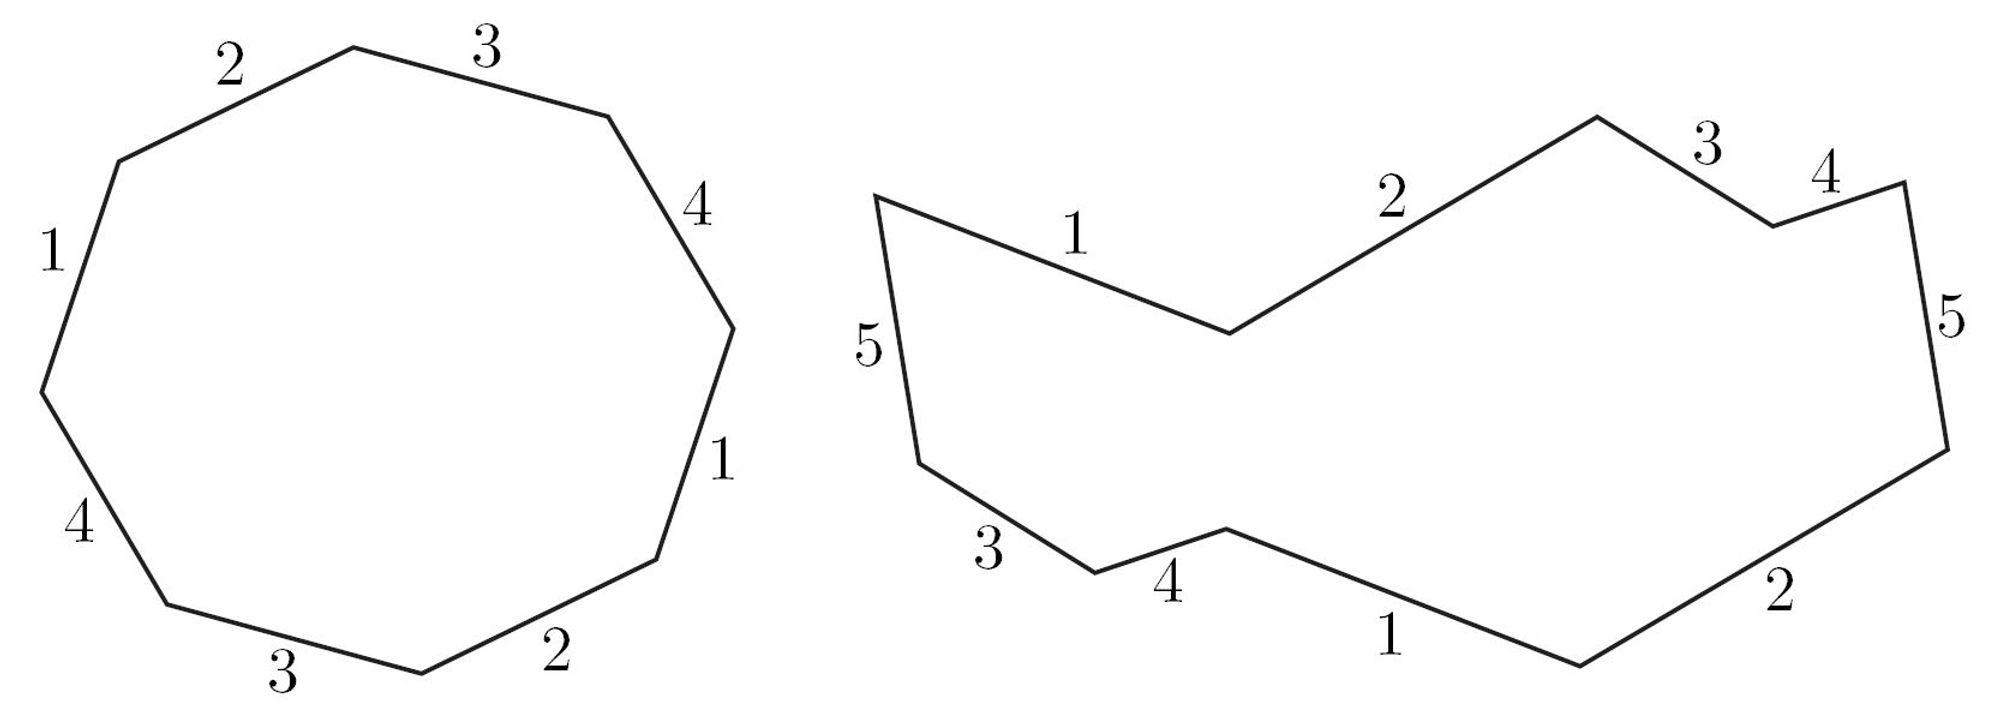 superficies_planas.jpg